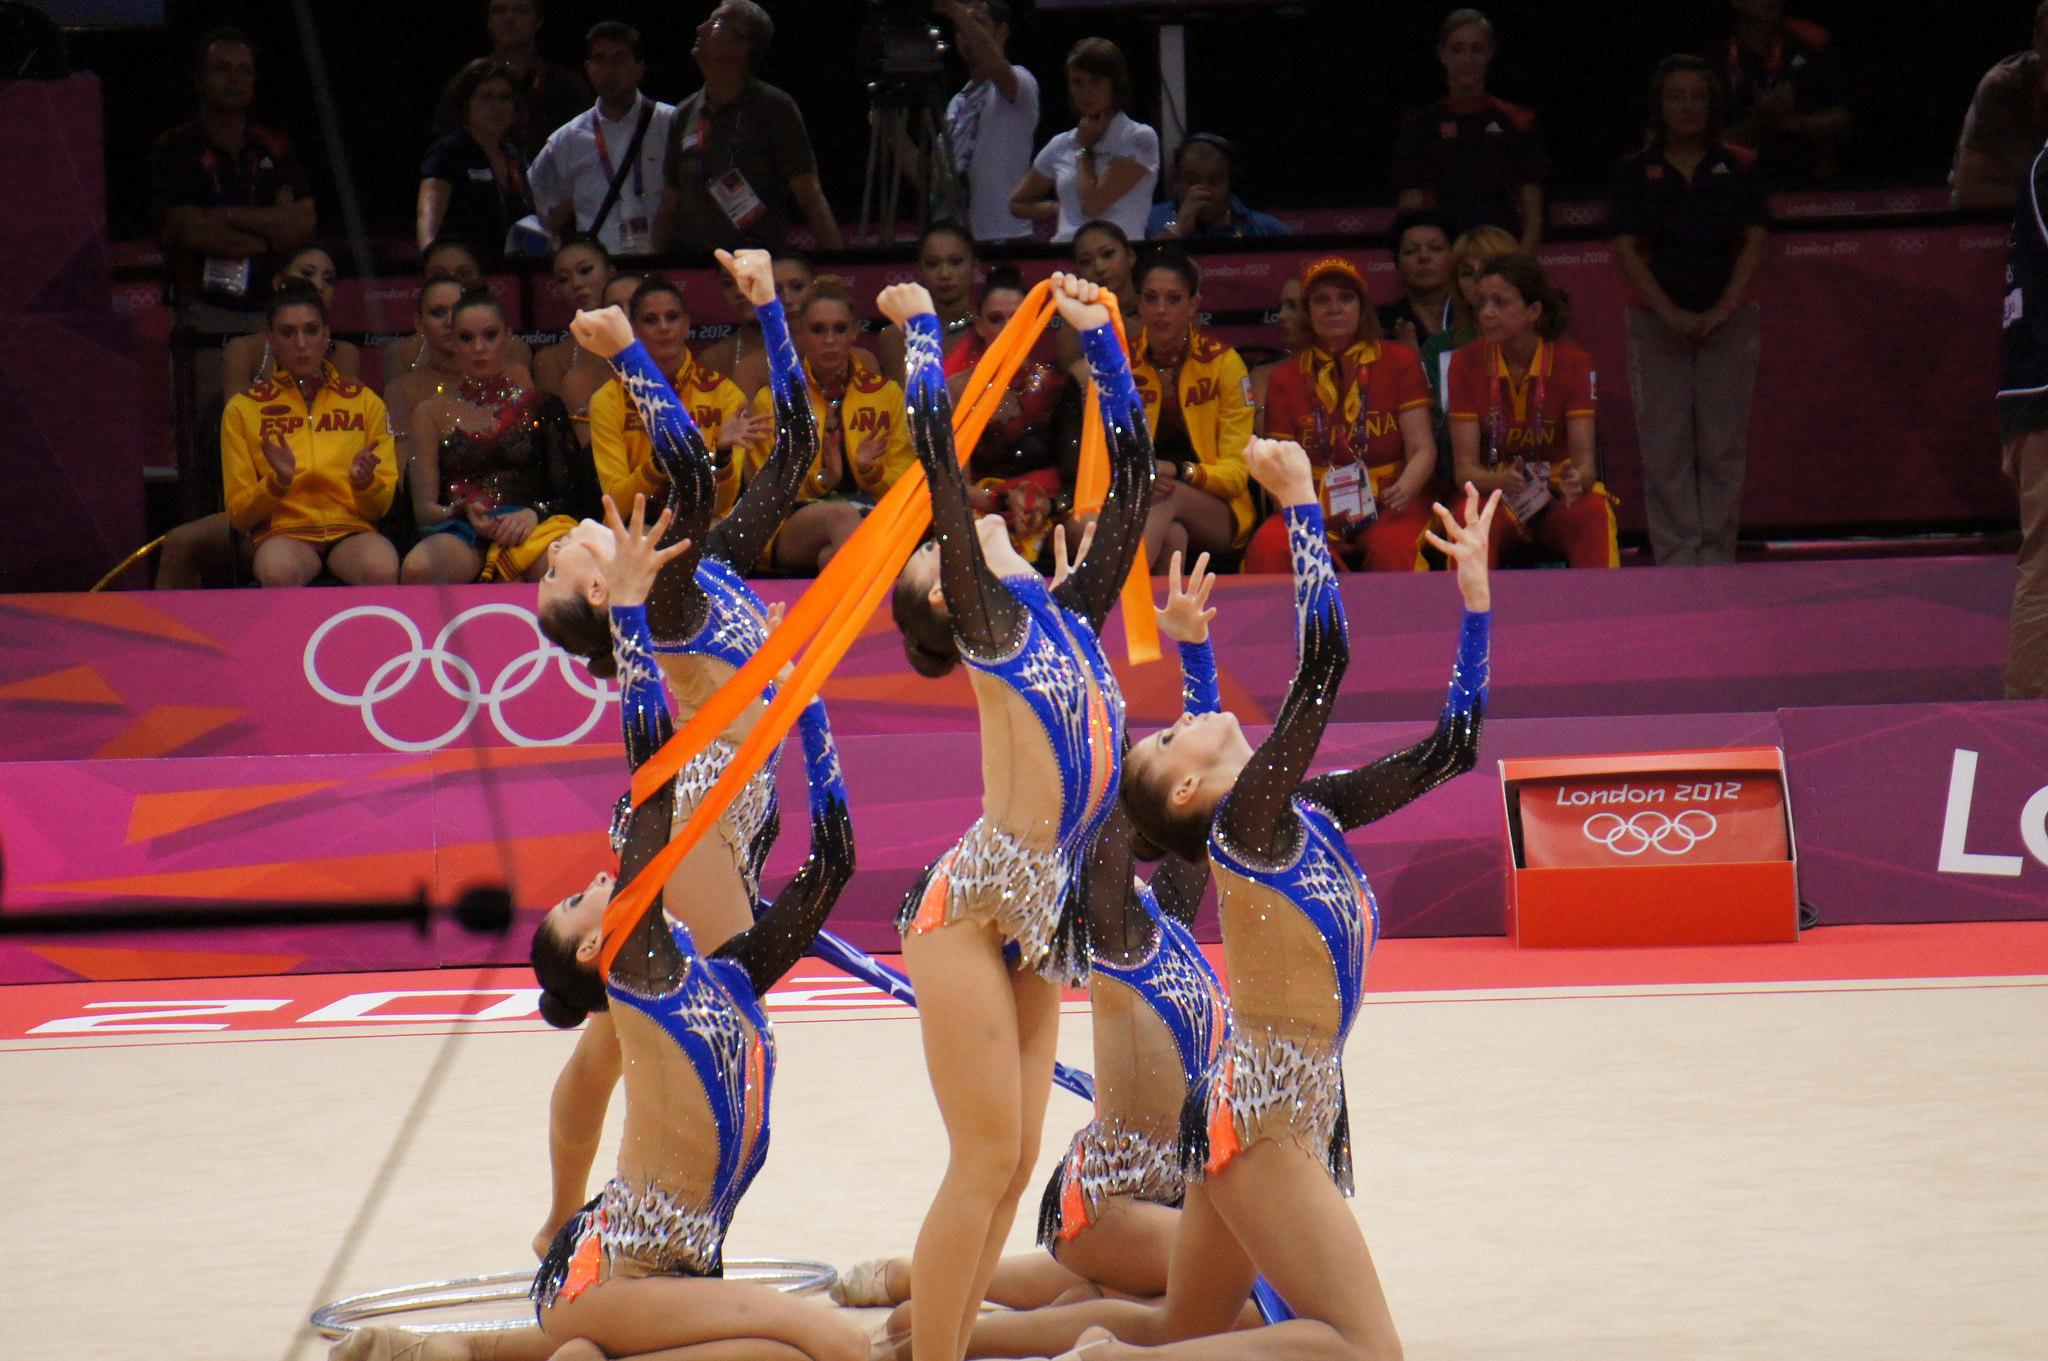 ユニバーシアード2019 新体操・結果速報・日程選手